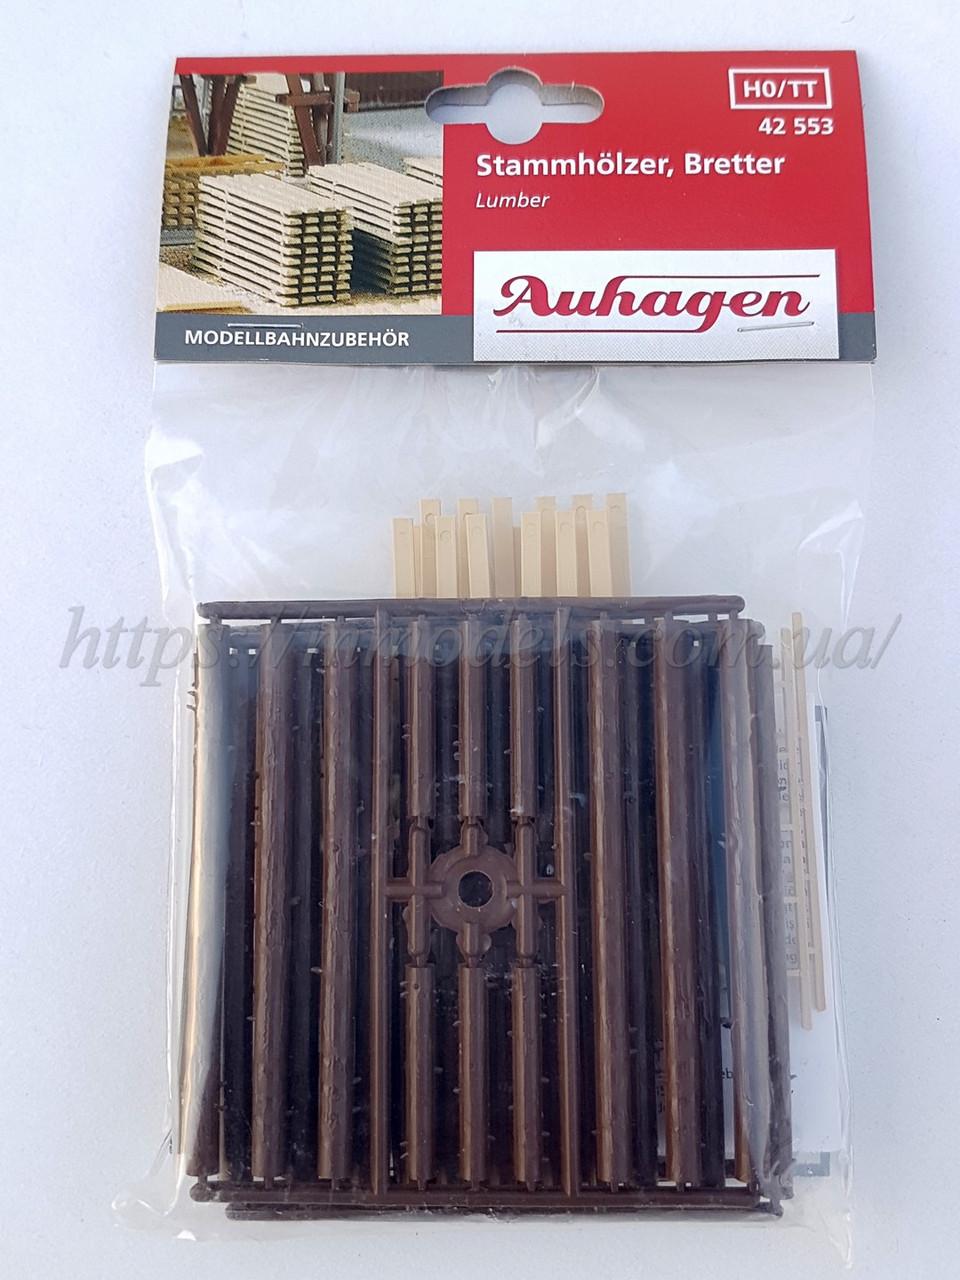 Auhagen 42553 набор досок и бревен и лестниц для моделирования, масштаба 1:87 и 1:120